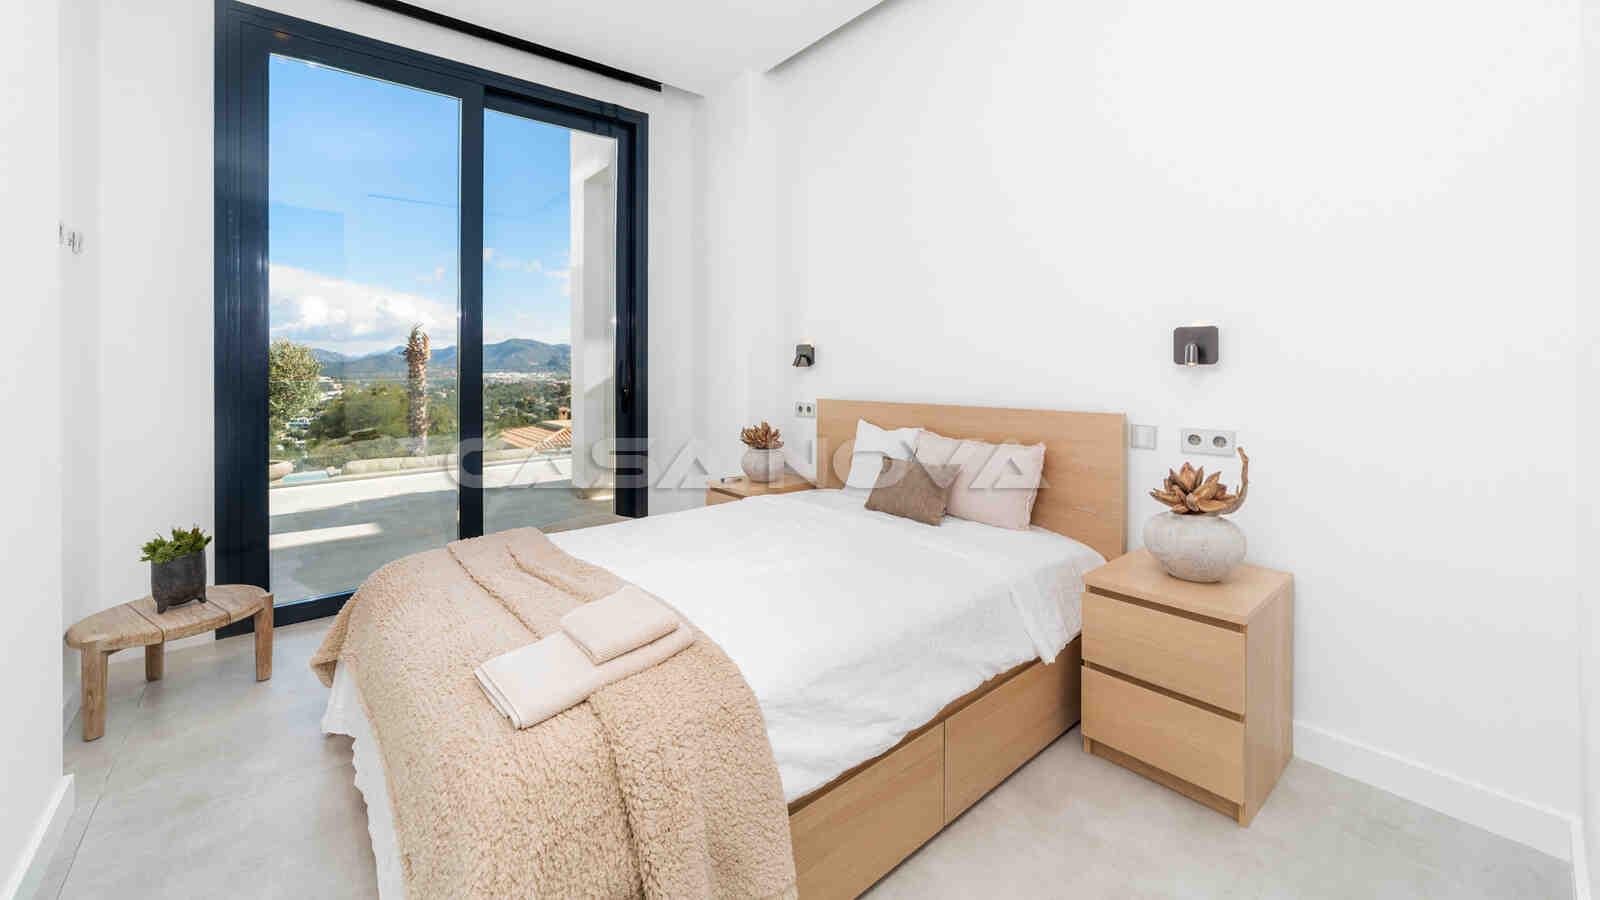 Luxoriöses Schlafzimmer mit offener Terrasse